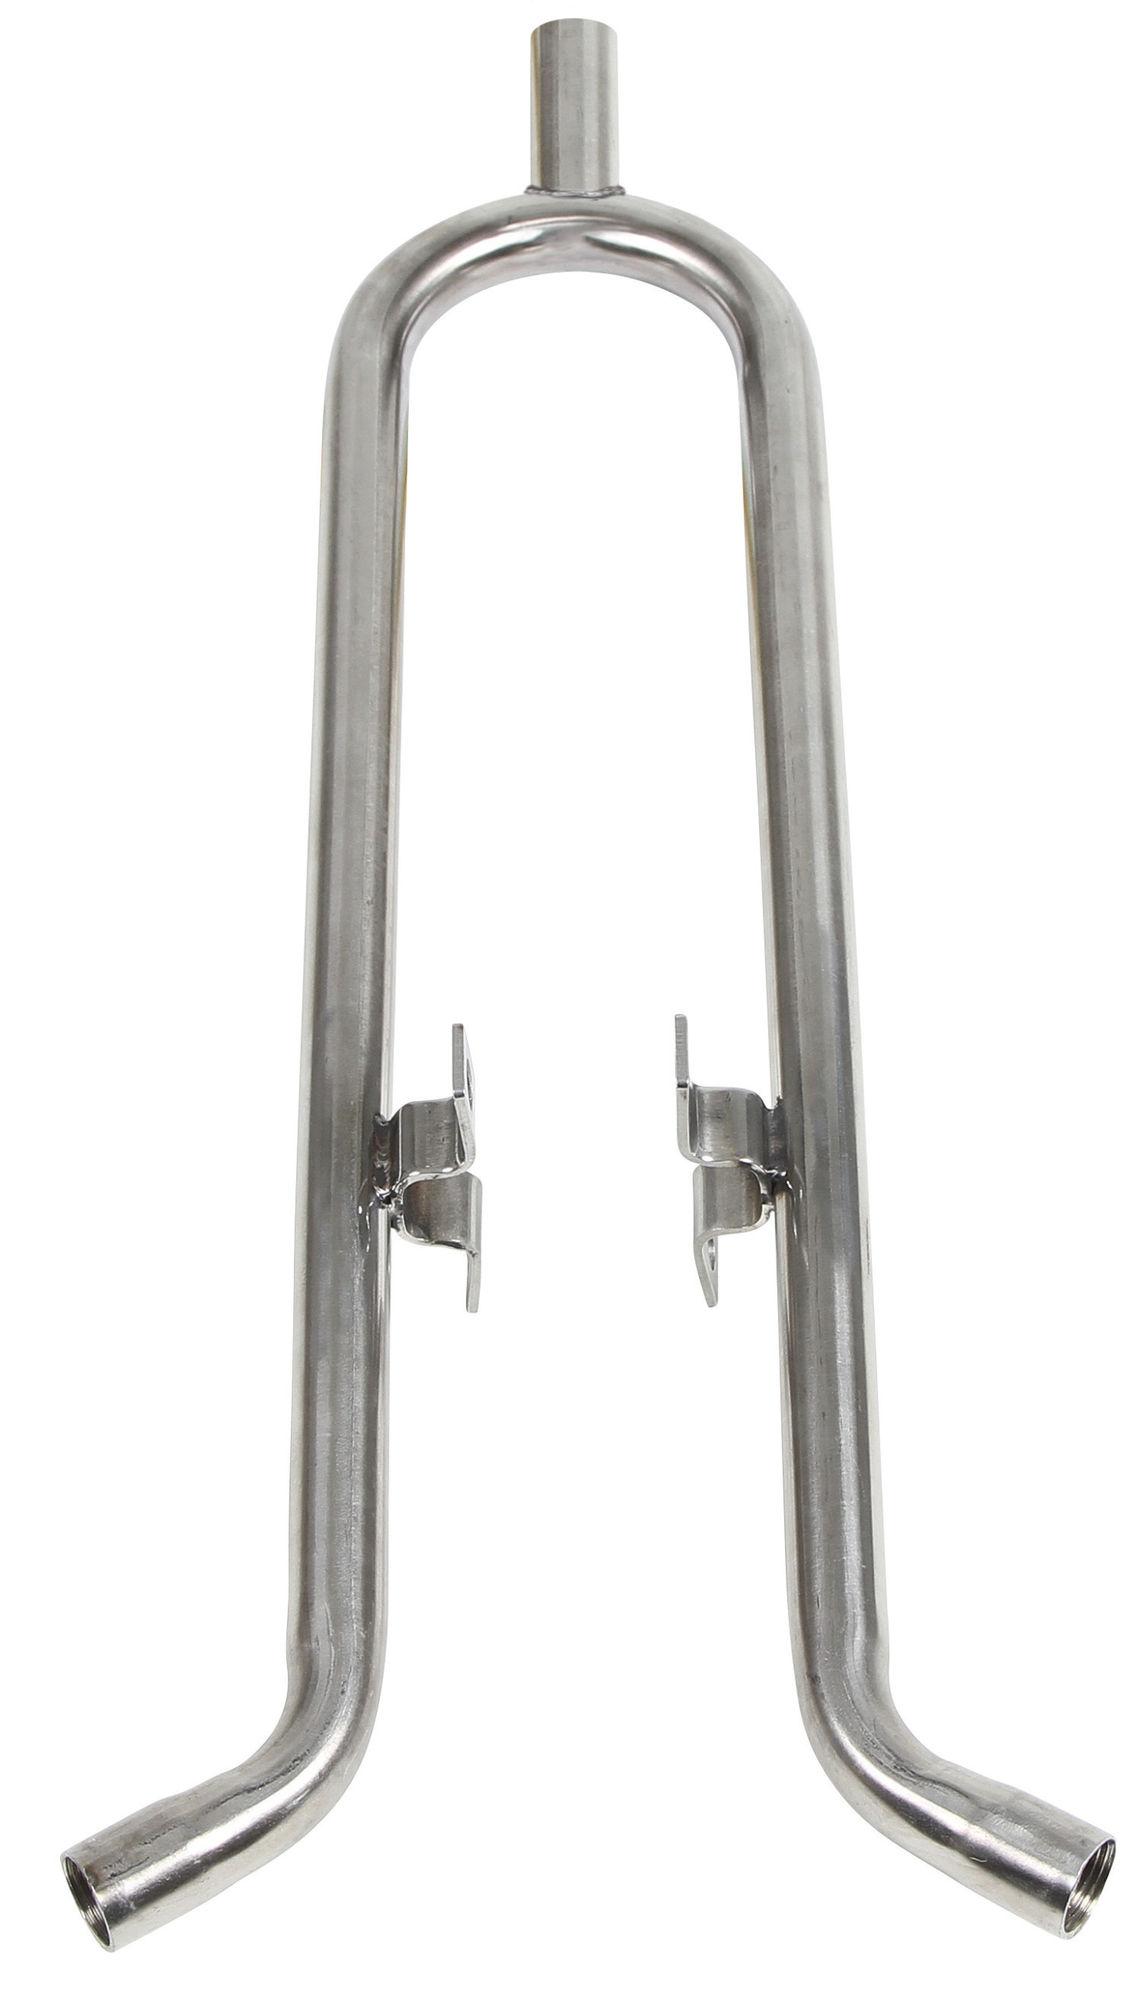 Tränkenippelhalter f. Buchten- wand, AG 1/2 - 2x IG 1/2